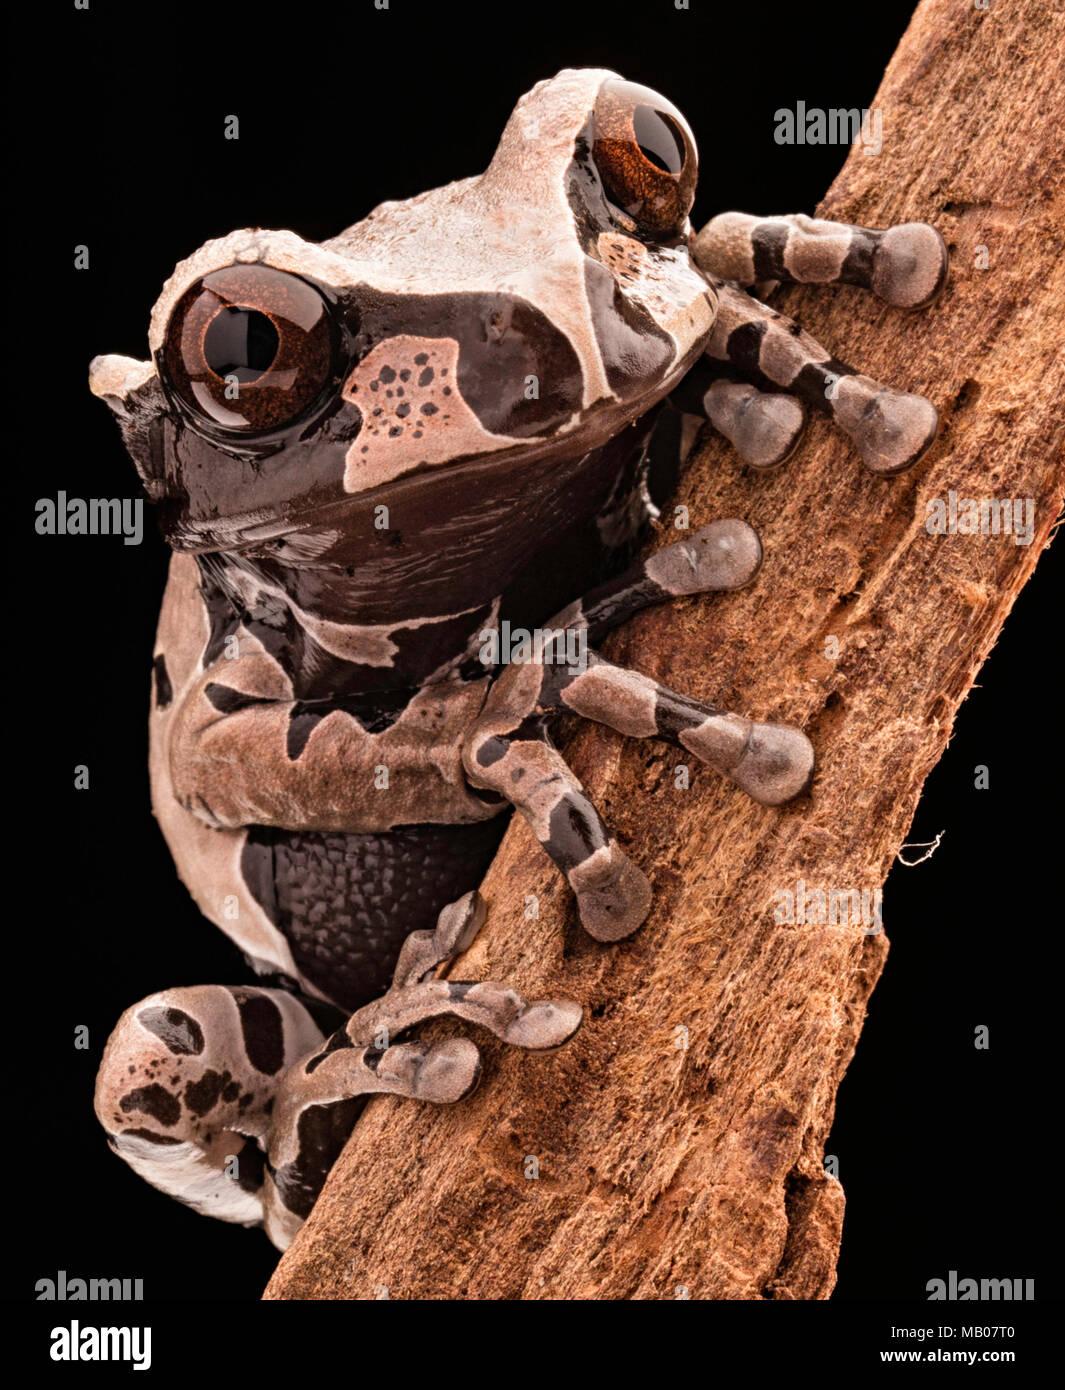 Spiny headed tree frog, Anotheca spinosa. A beautiful tropicla rain forest animal of the Amazonian jungle. Amphibian macro. - Stock Image